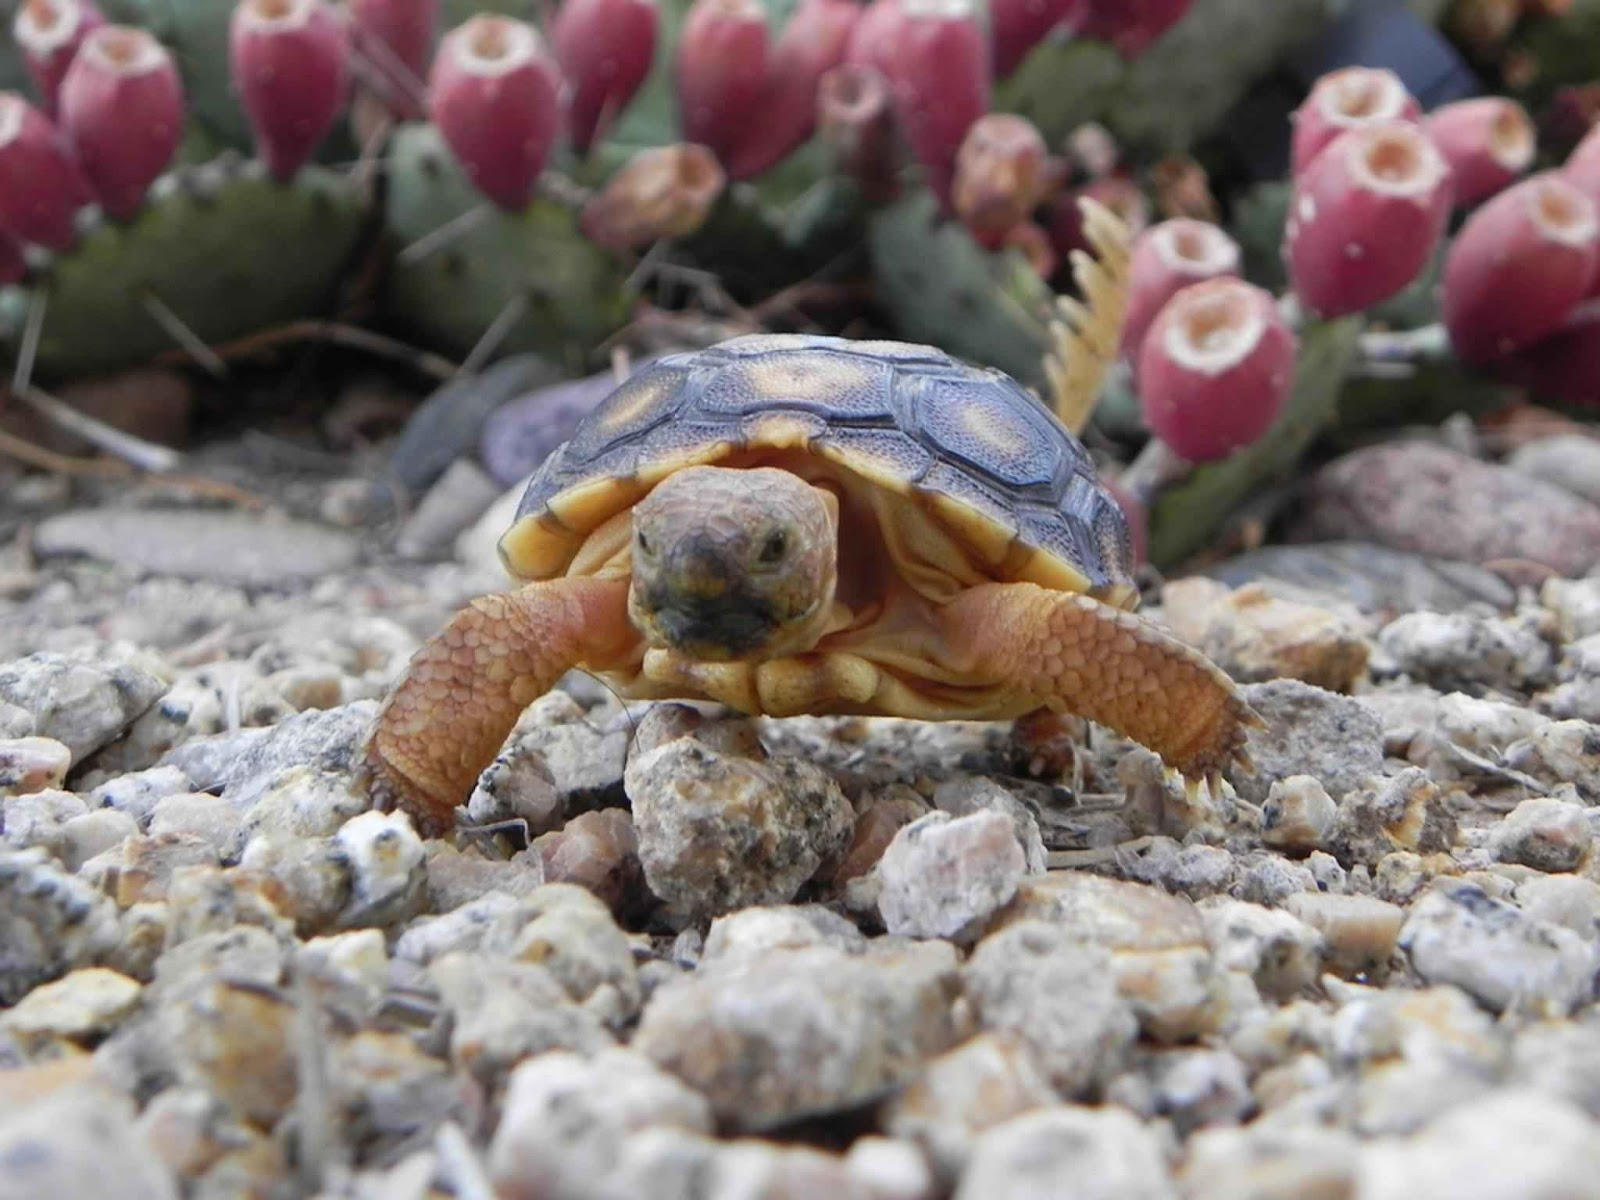 File:Desert tortoise turtle